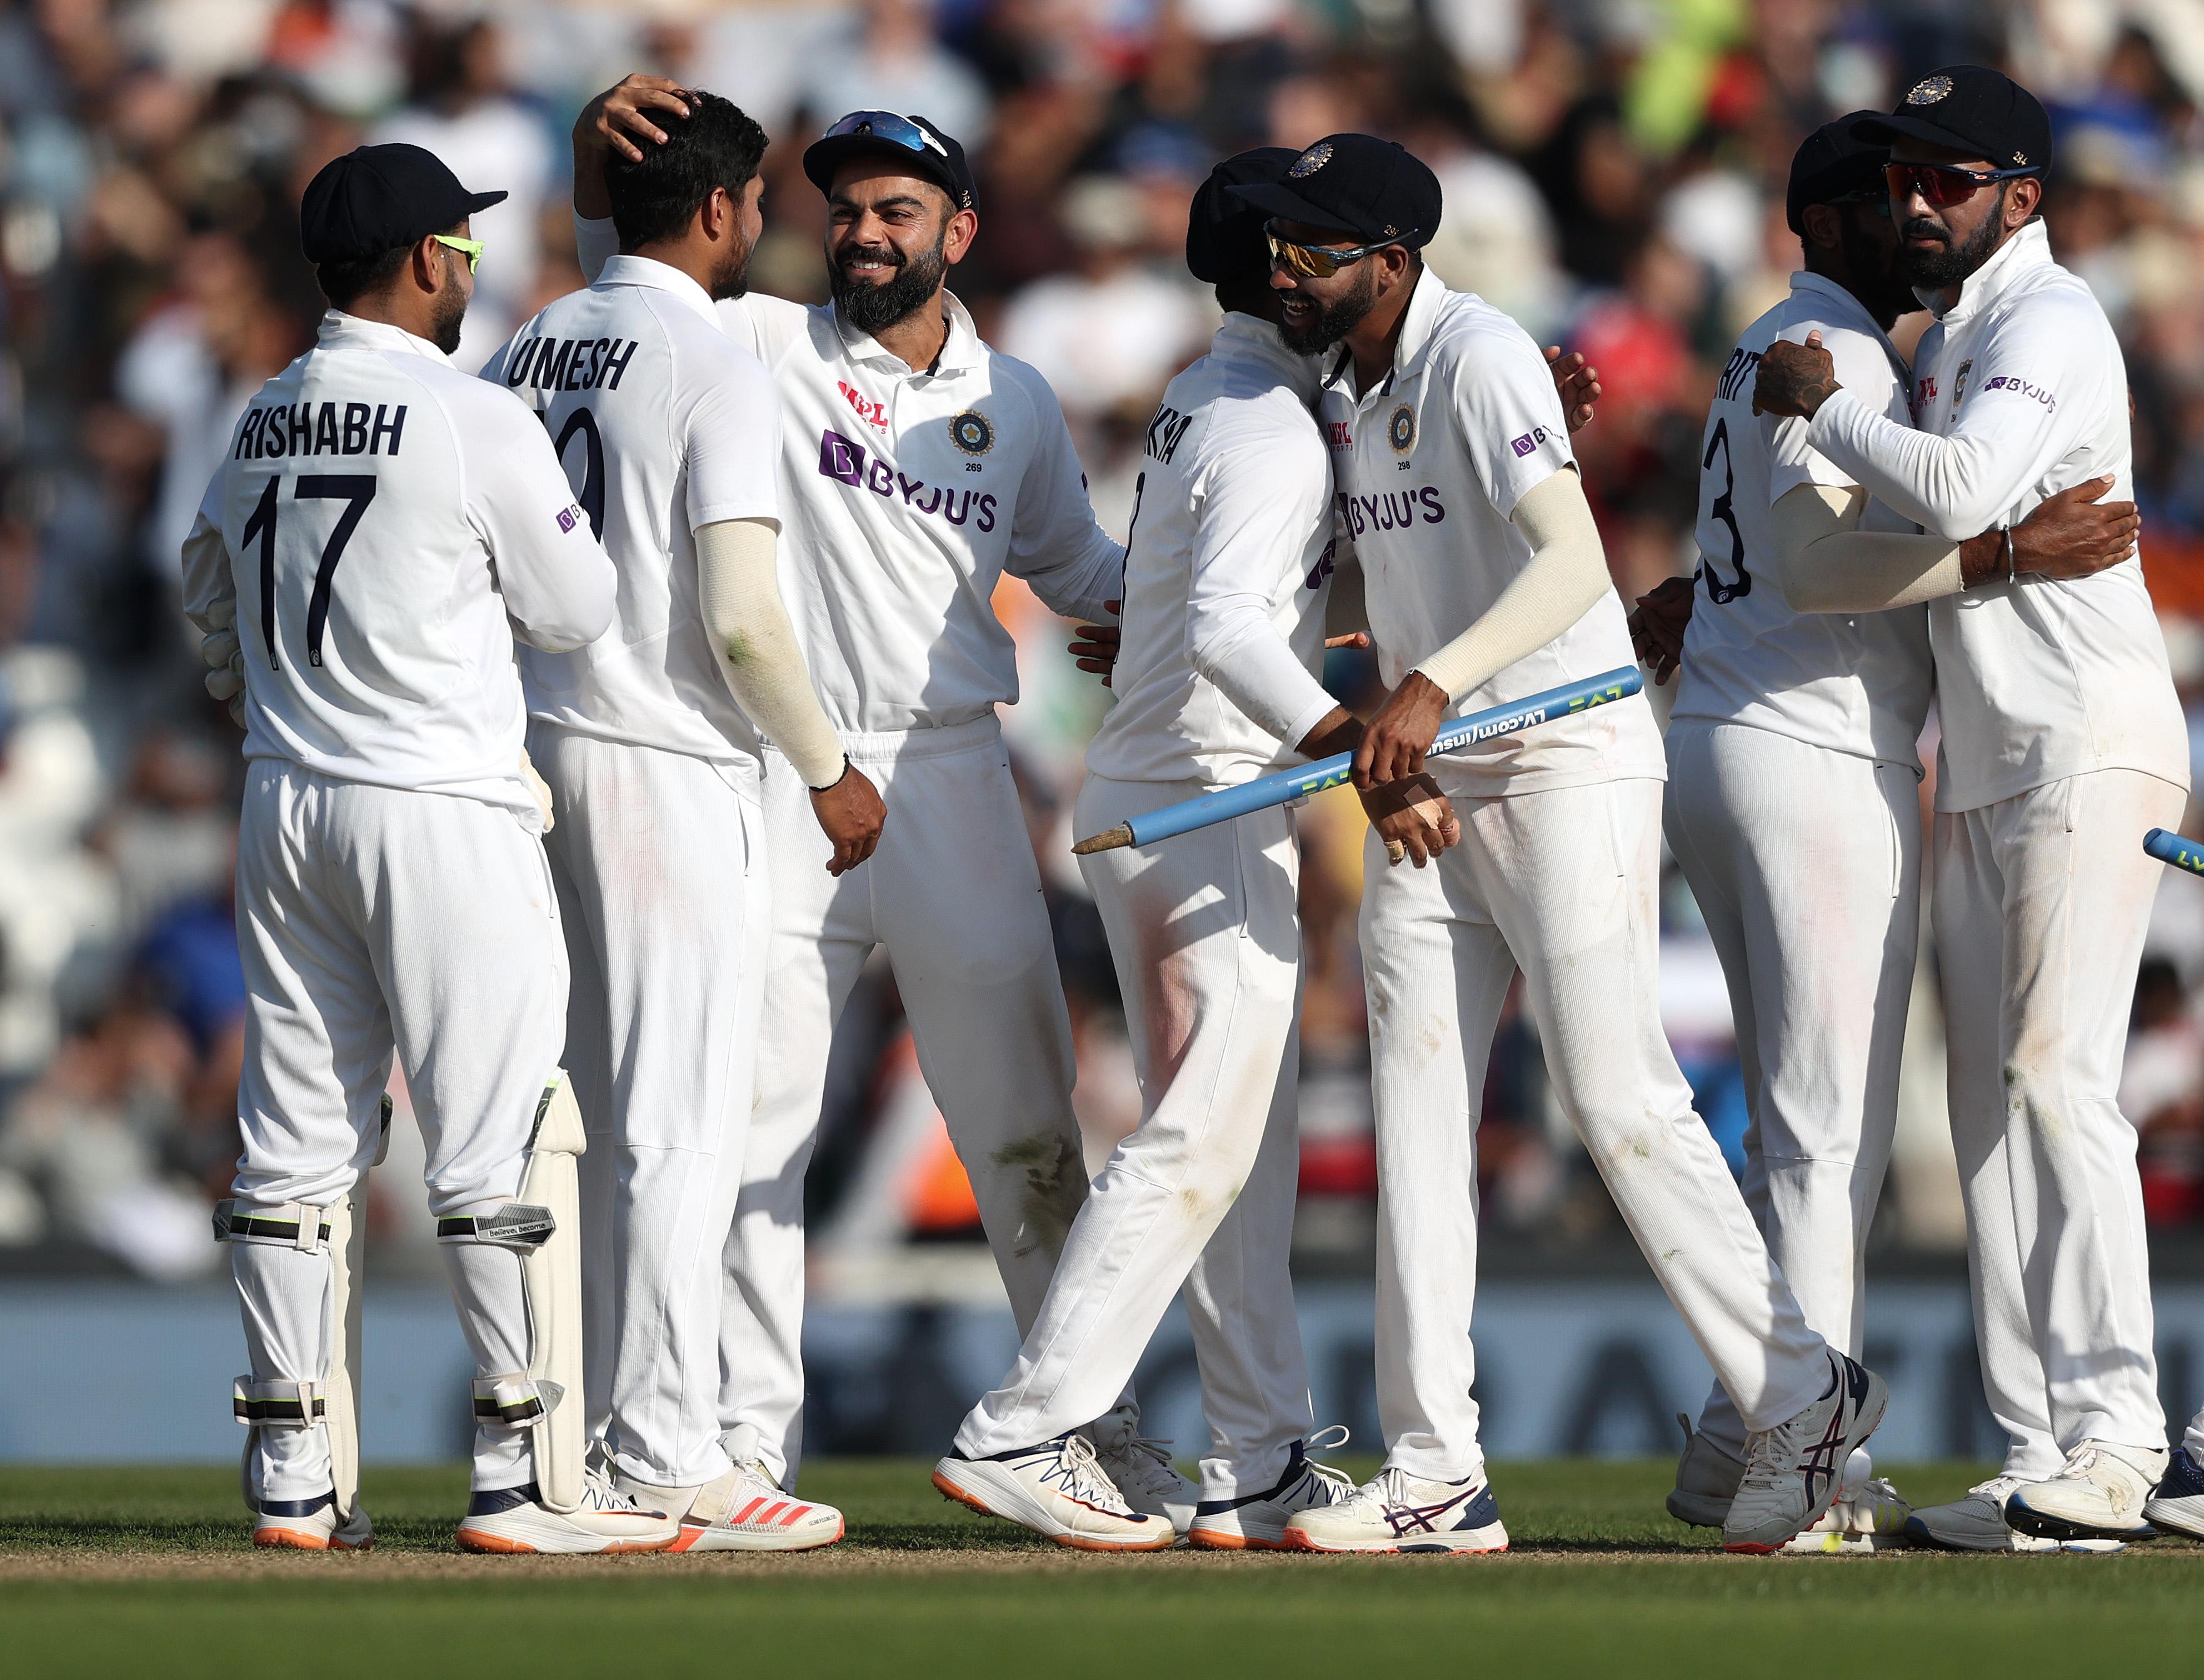 प्रधानमंत्री मोदी ने क्रिकेट में जीत और रिकॉर्ड टीकाकरण दोनों के लिए टीम इंडिया की प्रशंसा की